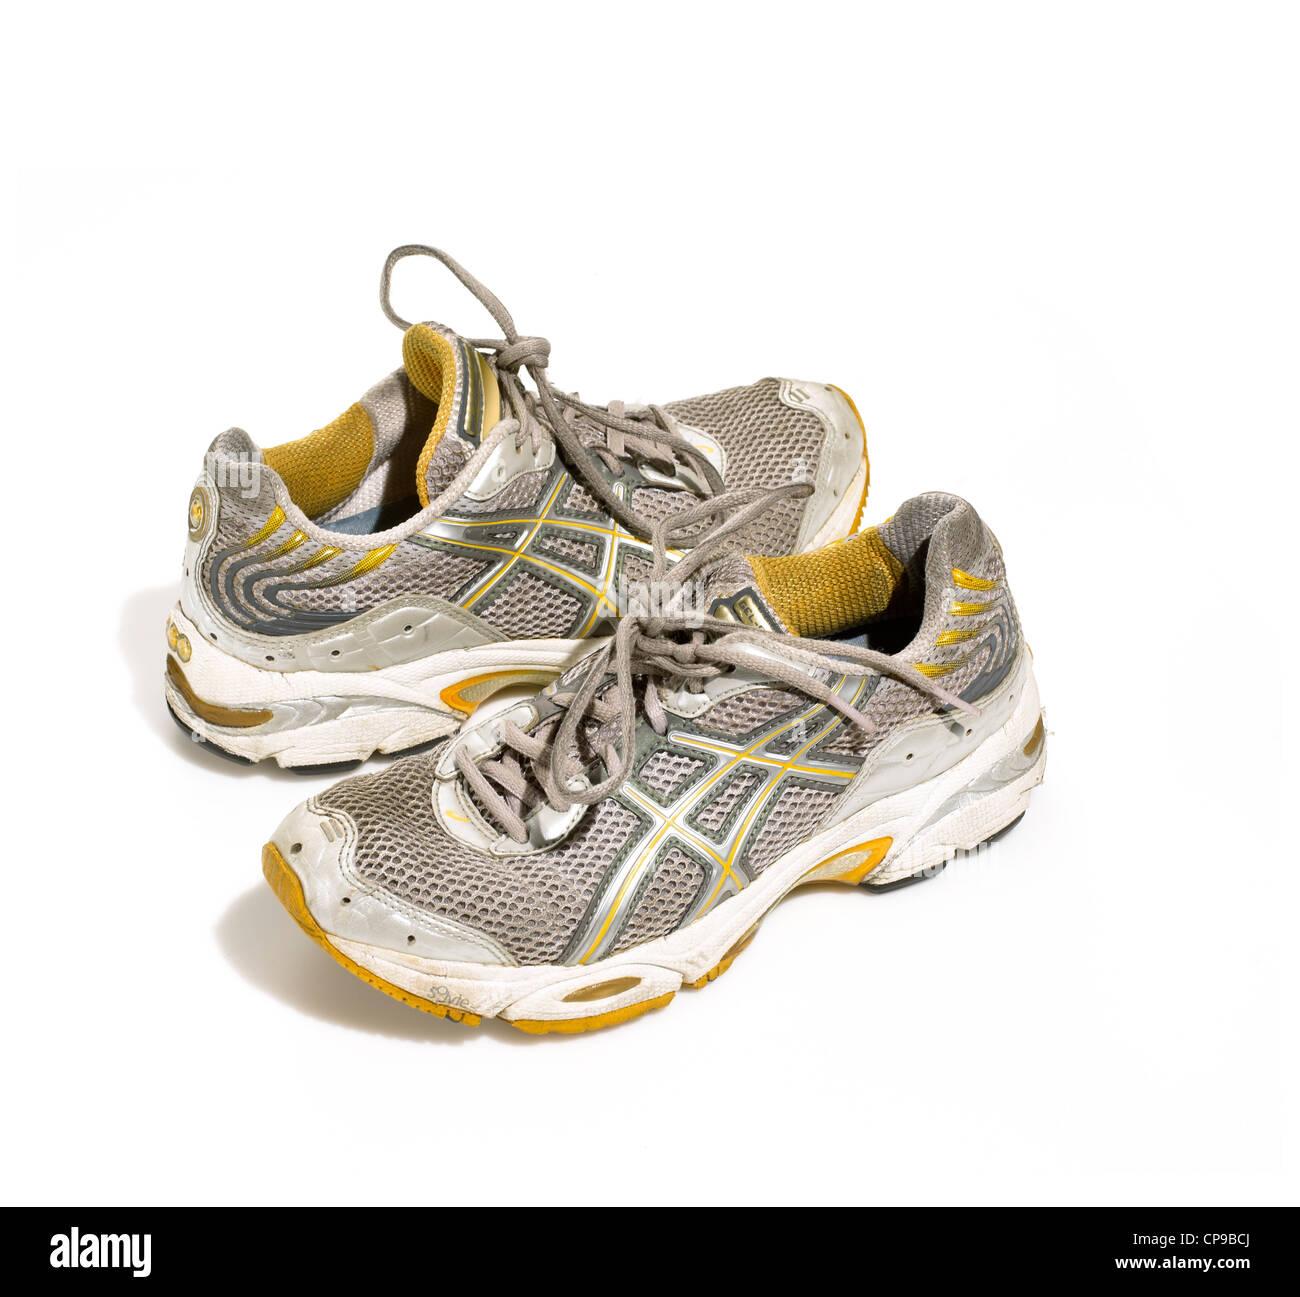 Dans les chaussures de marche athlétique Photo Stock